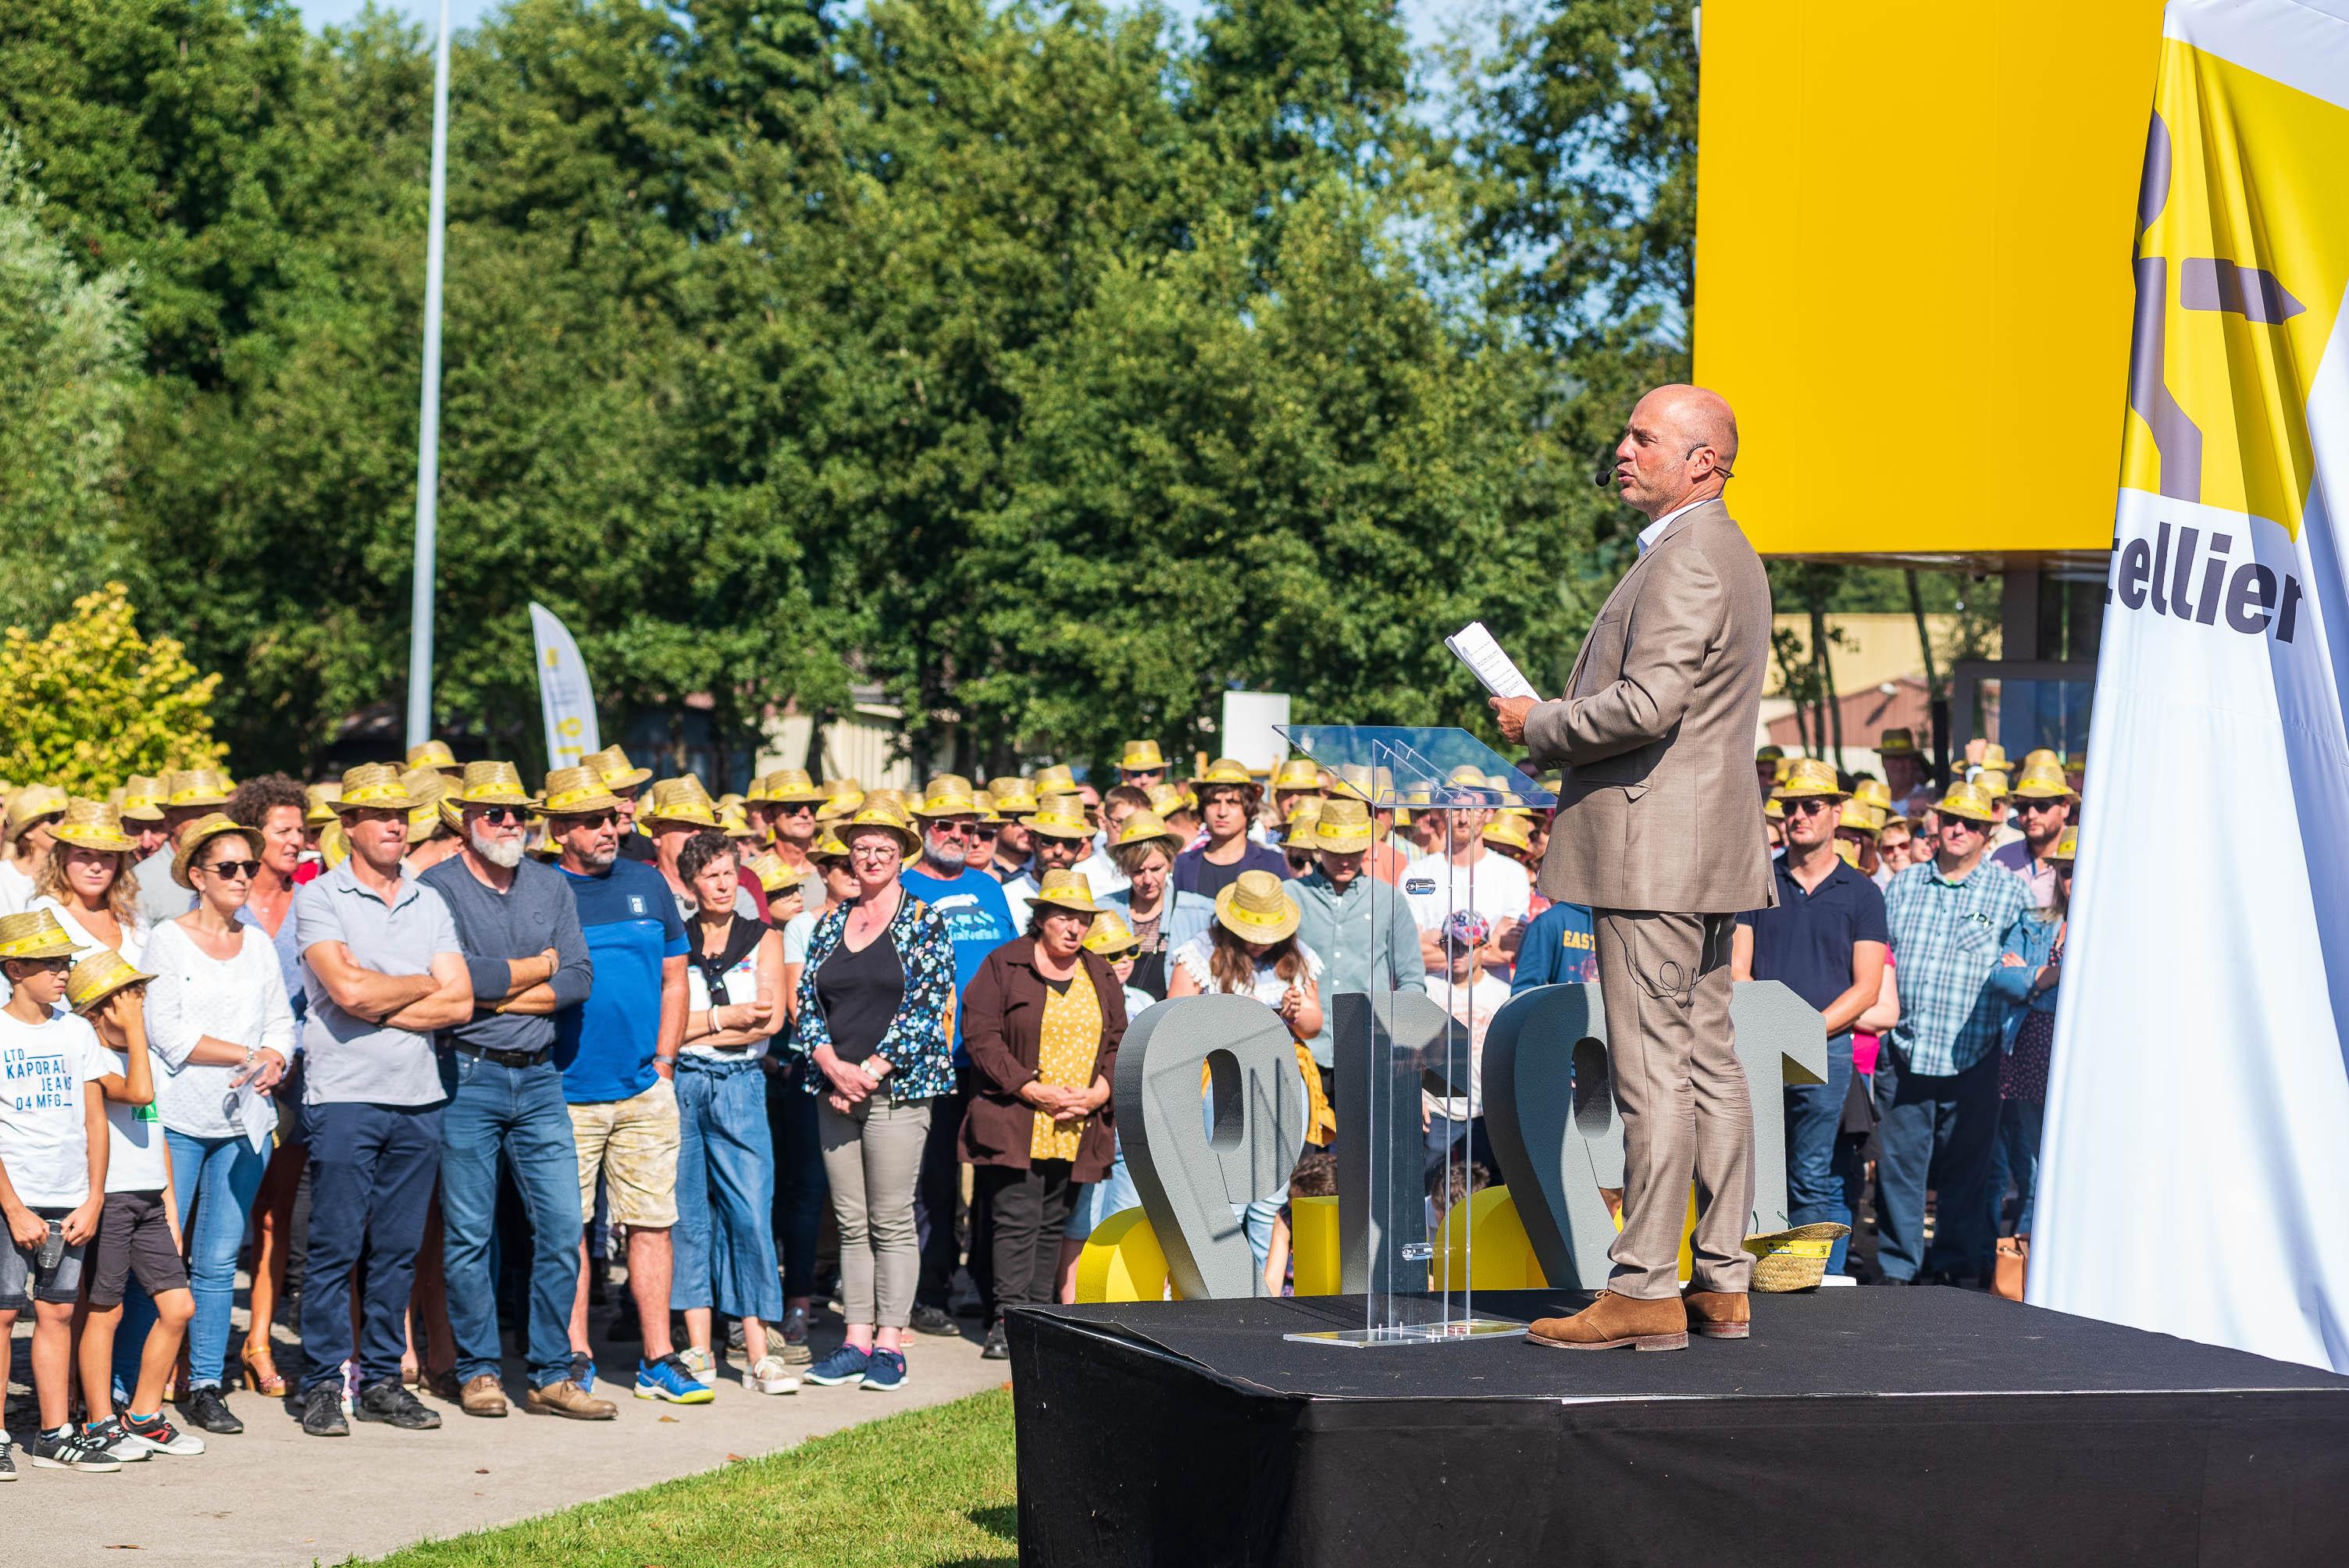 photo en couleur représentant Paul Lhotellier faisant le discours d'ouverture sur une estrade devant les salariés pendant la fête des 100 ans auteur Franck Burjes photographe de reportage à Amiens